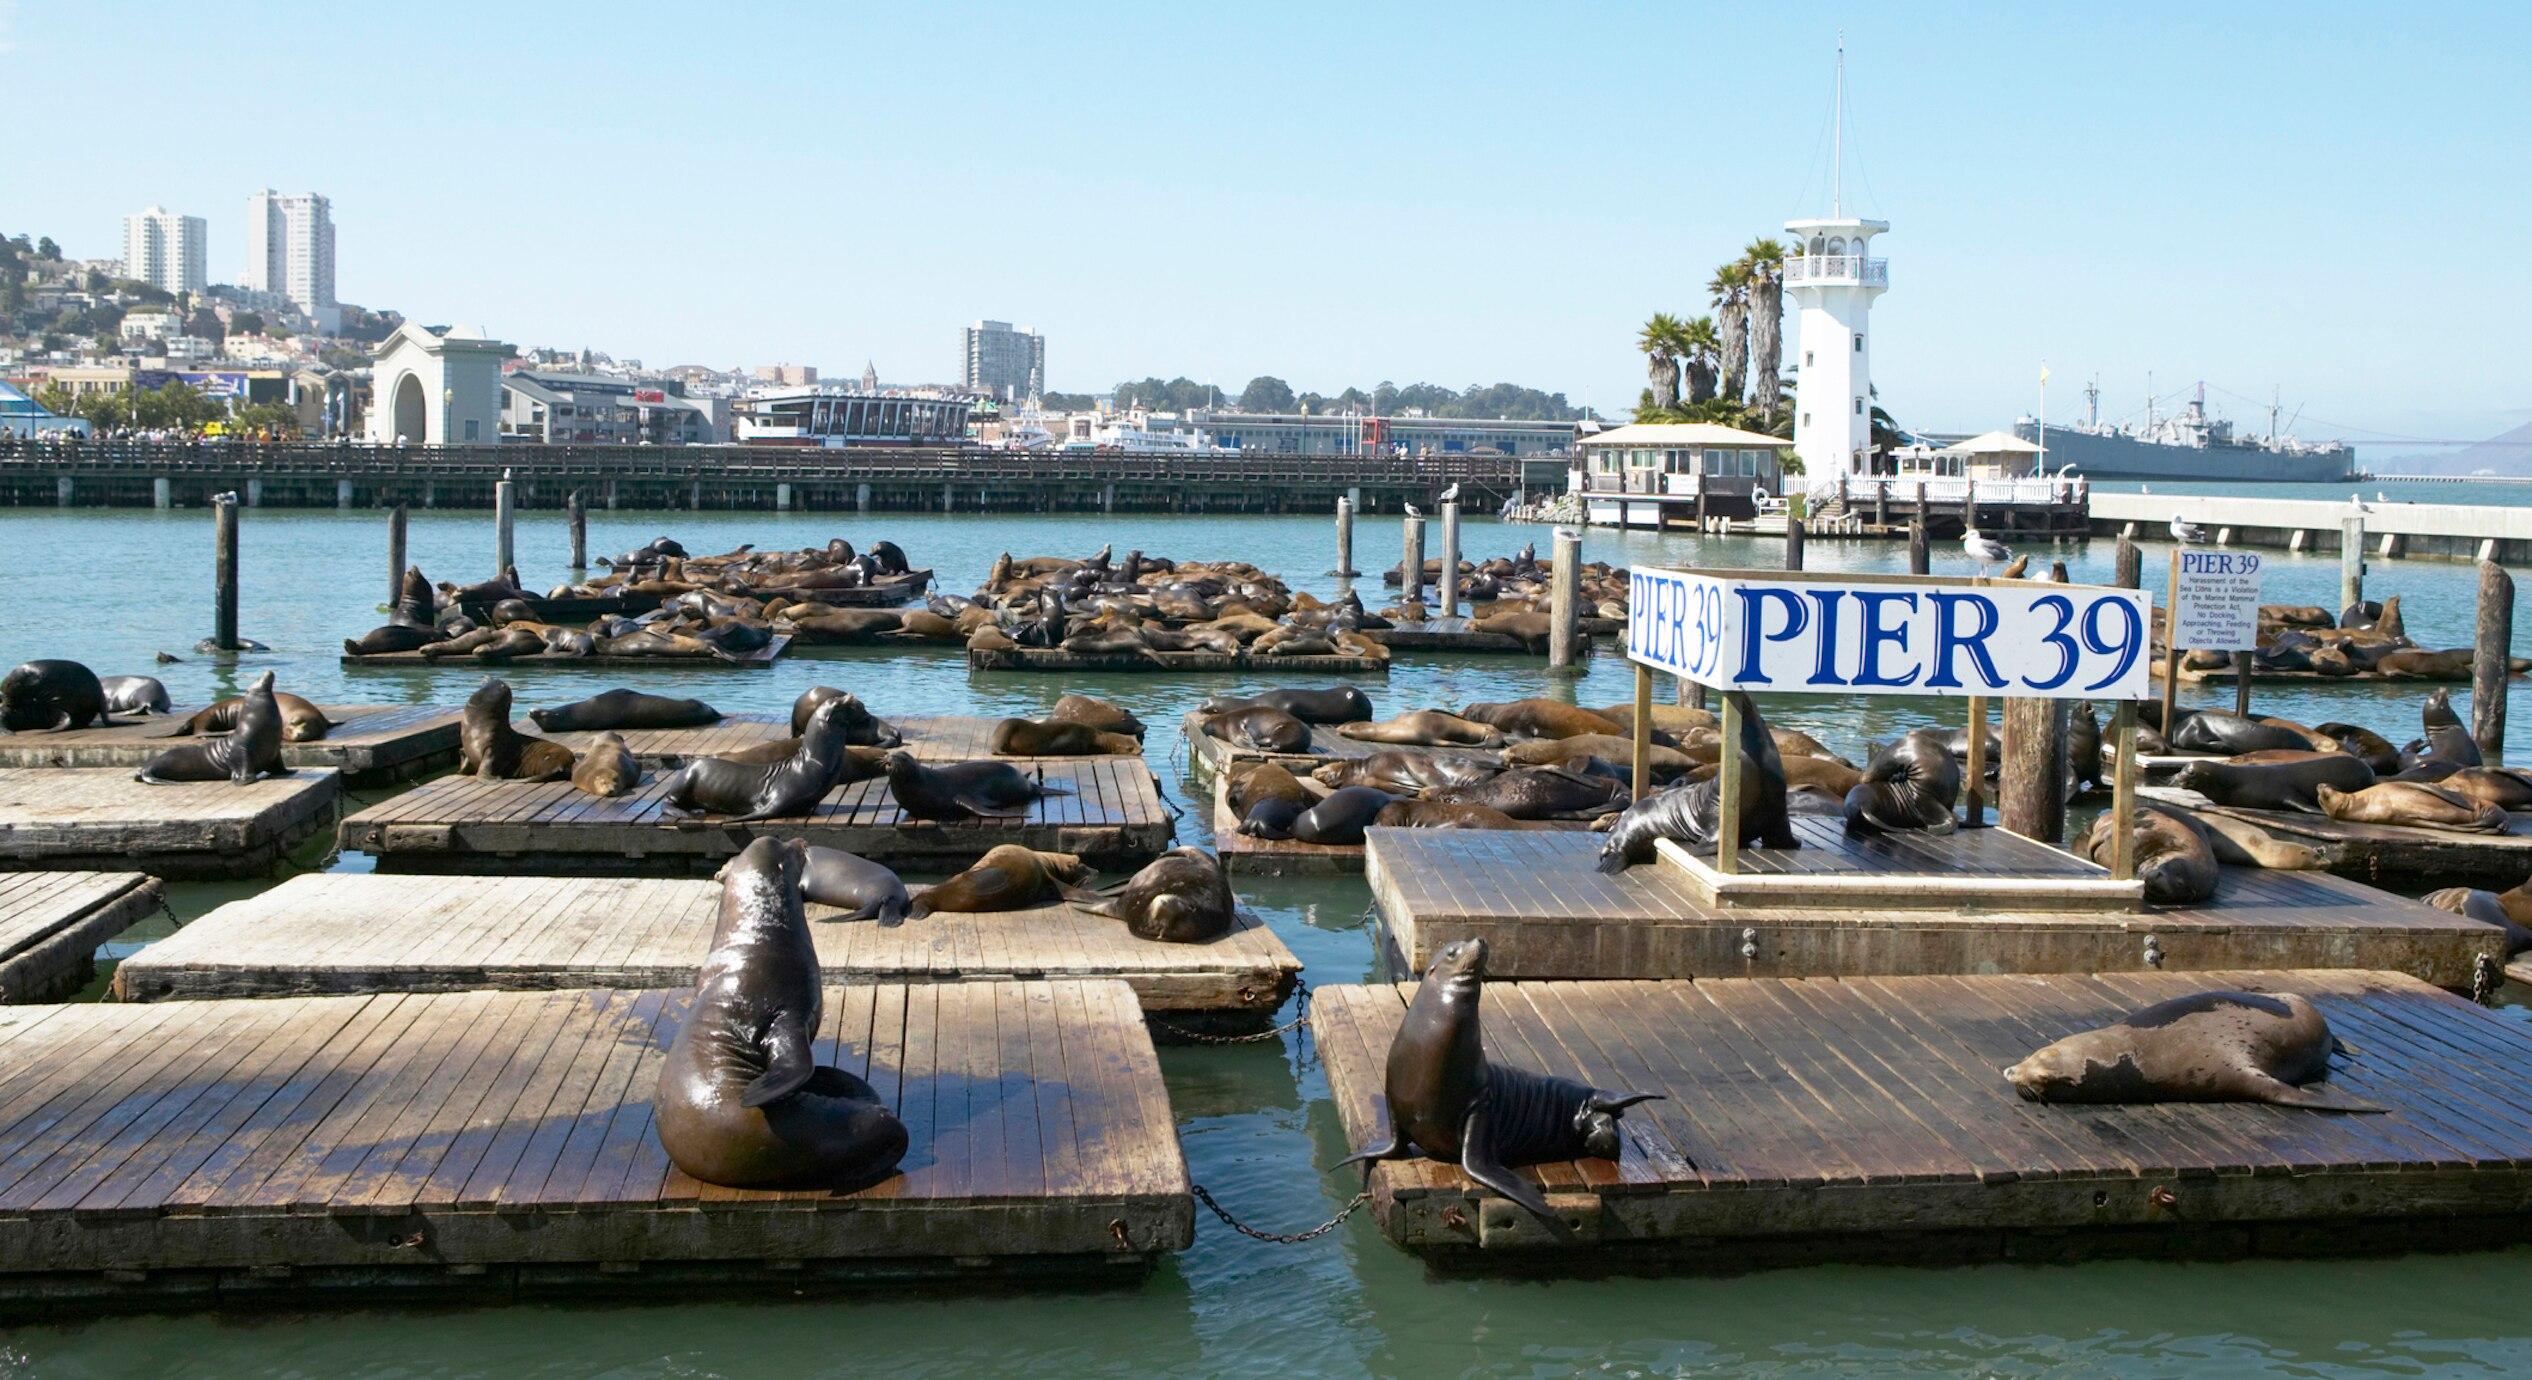 Die weltberühmten Seelöwen von Pier 39 feiern Jubiläum